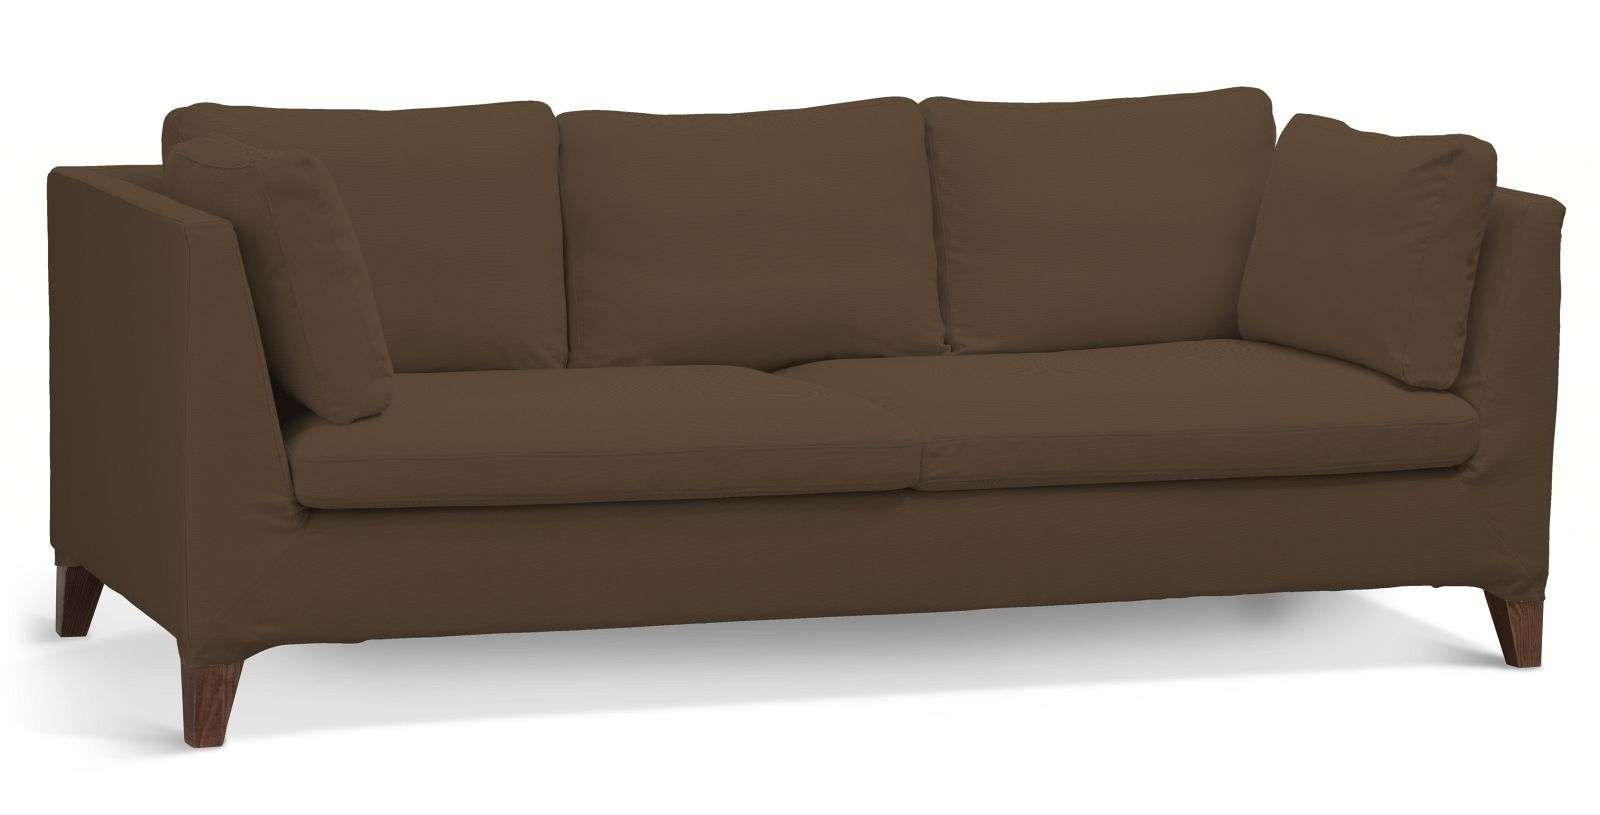 Pokrowiec na sofę Stockholm 3-osobową sofa Stockholm 3-osobowa w kolekcji Cotton Panama, tkanina: 702-02